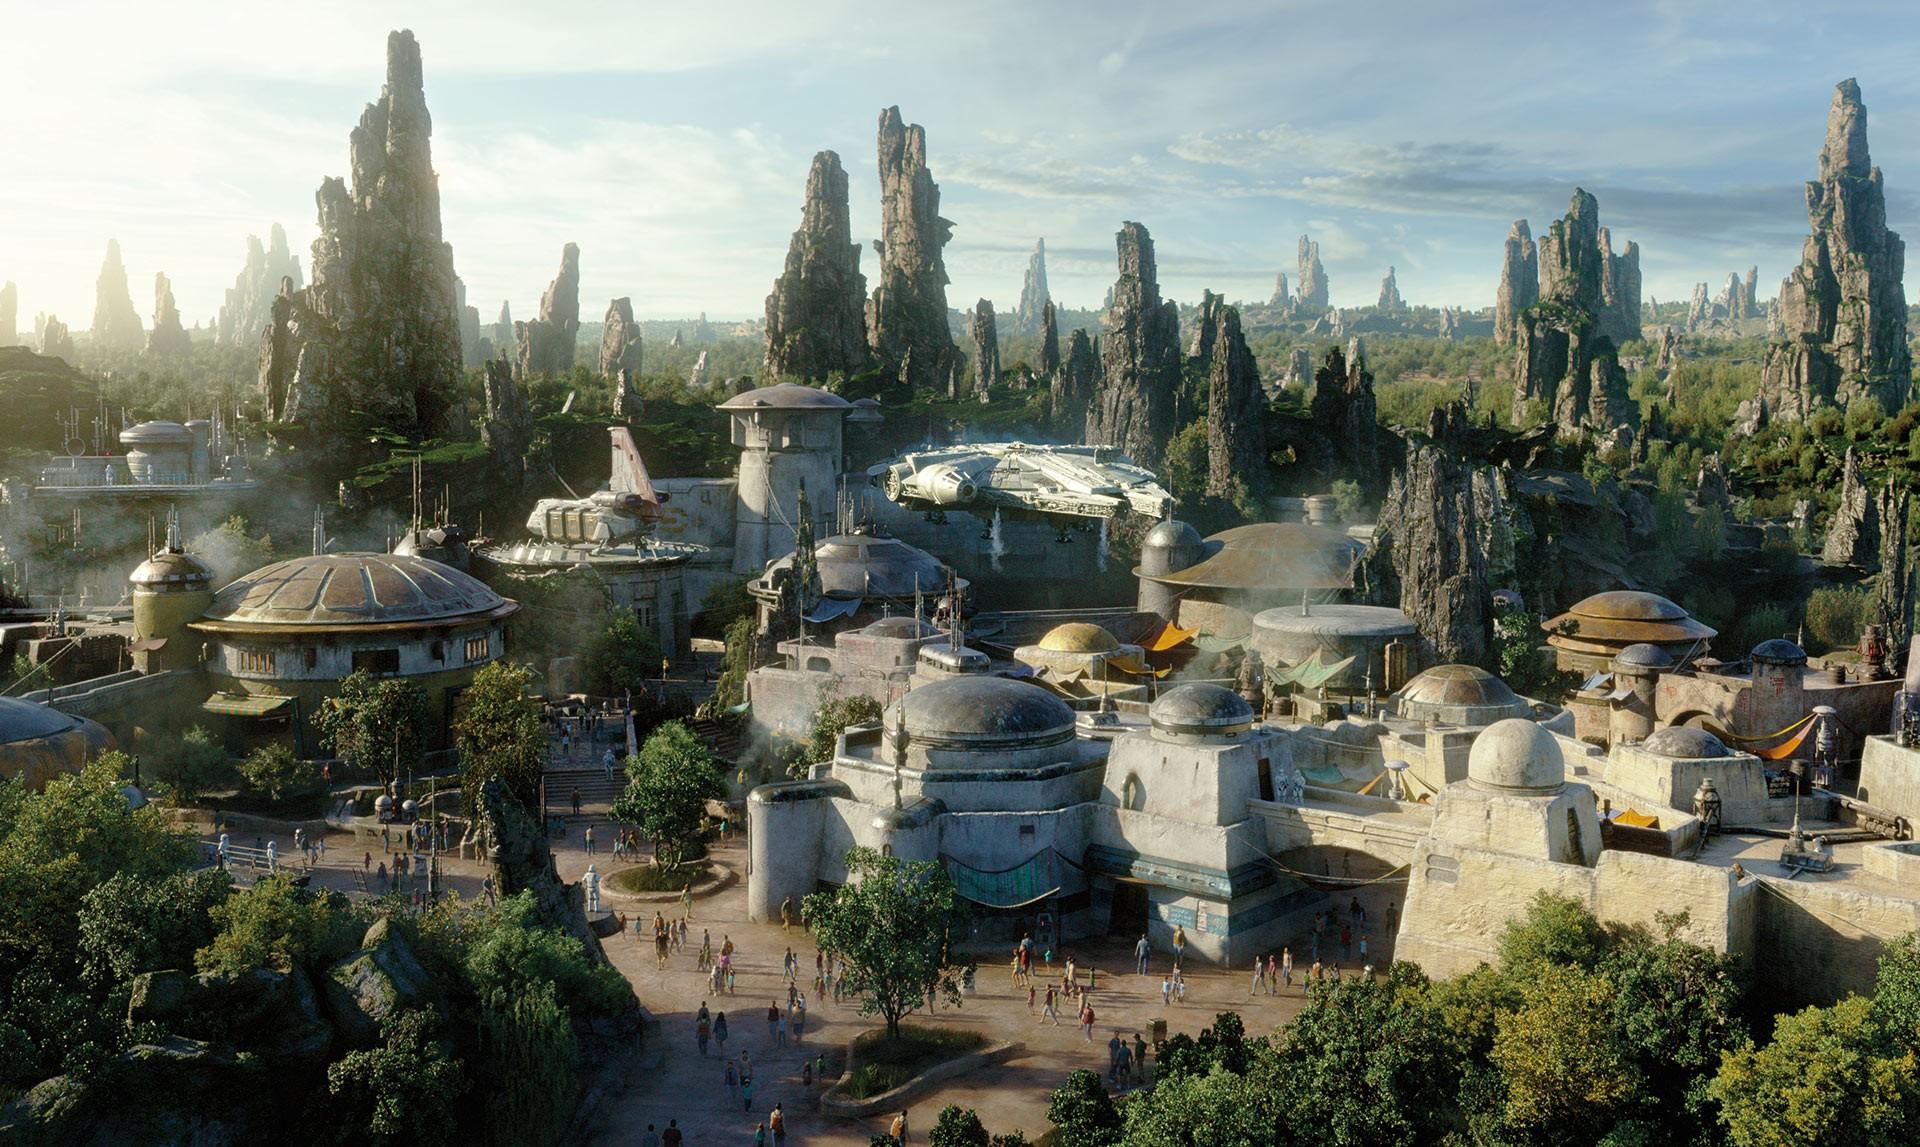 Universo do novo parque de Star Wars (Foto: Star Wars/ Divulgação)